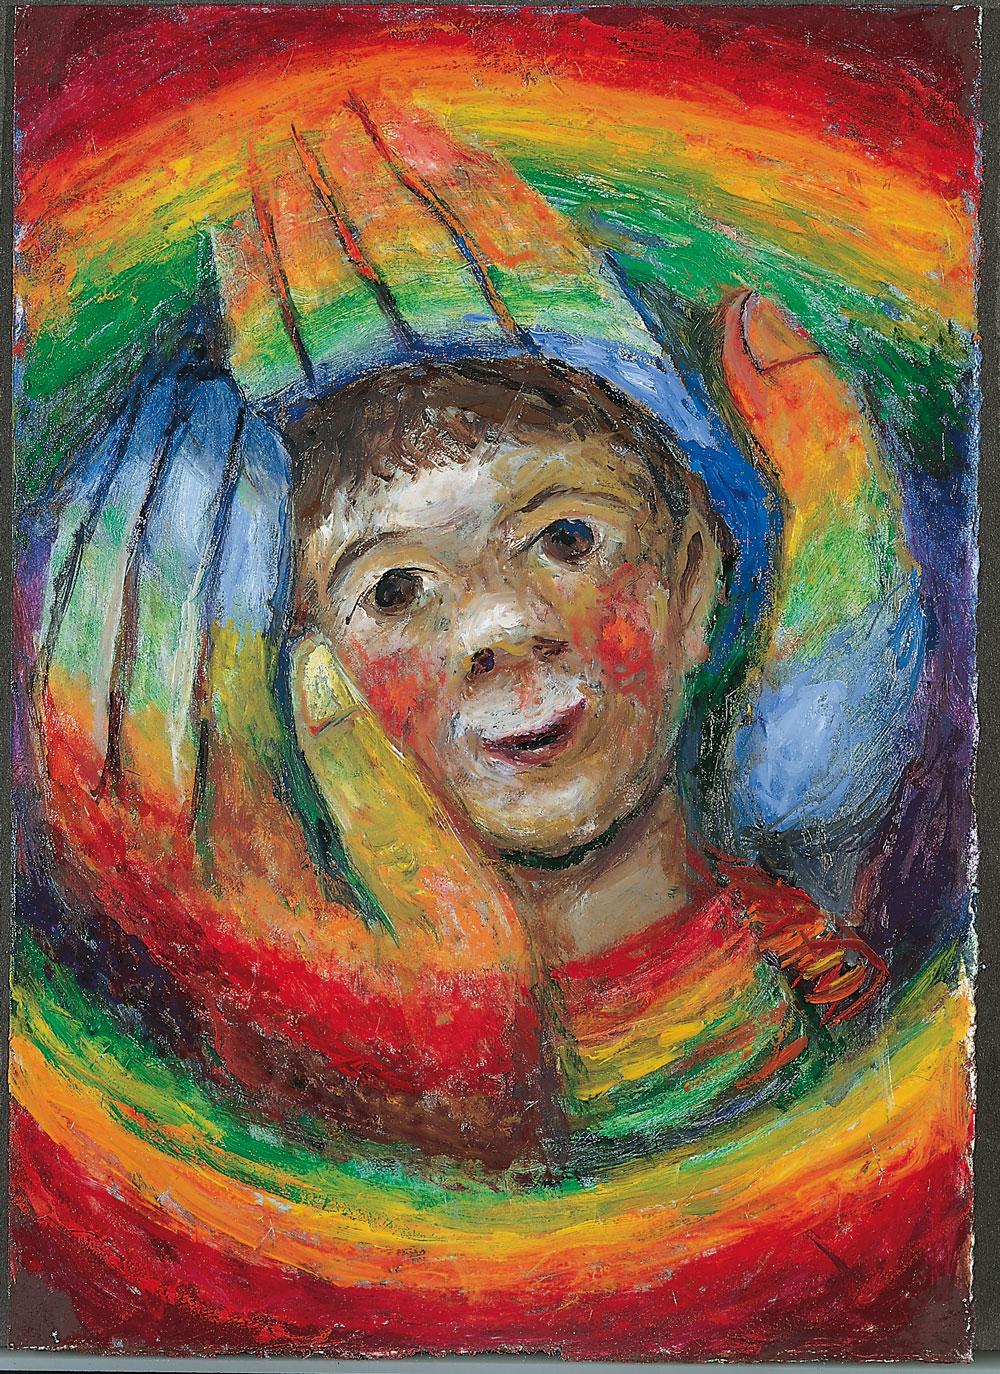 Sieger Köder, In Gottes Händen © Sieger Köder-Stiftung Kunst und Bibel, Ellwangen